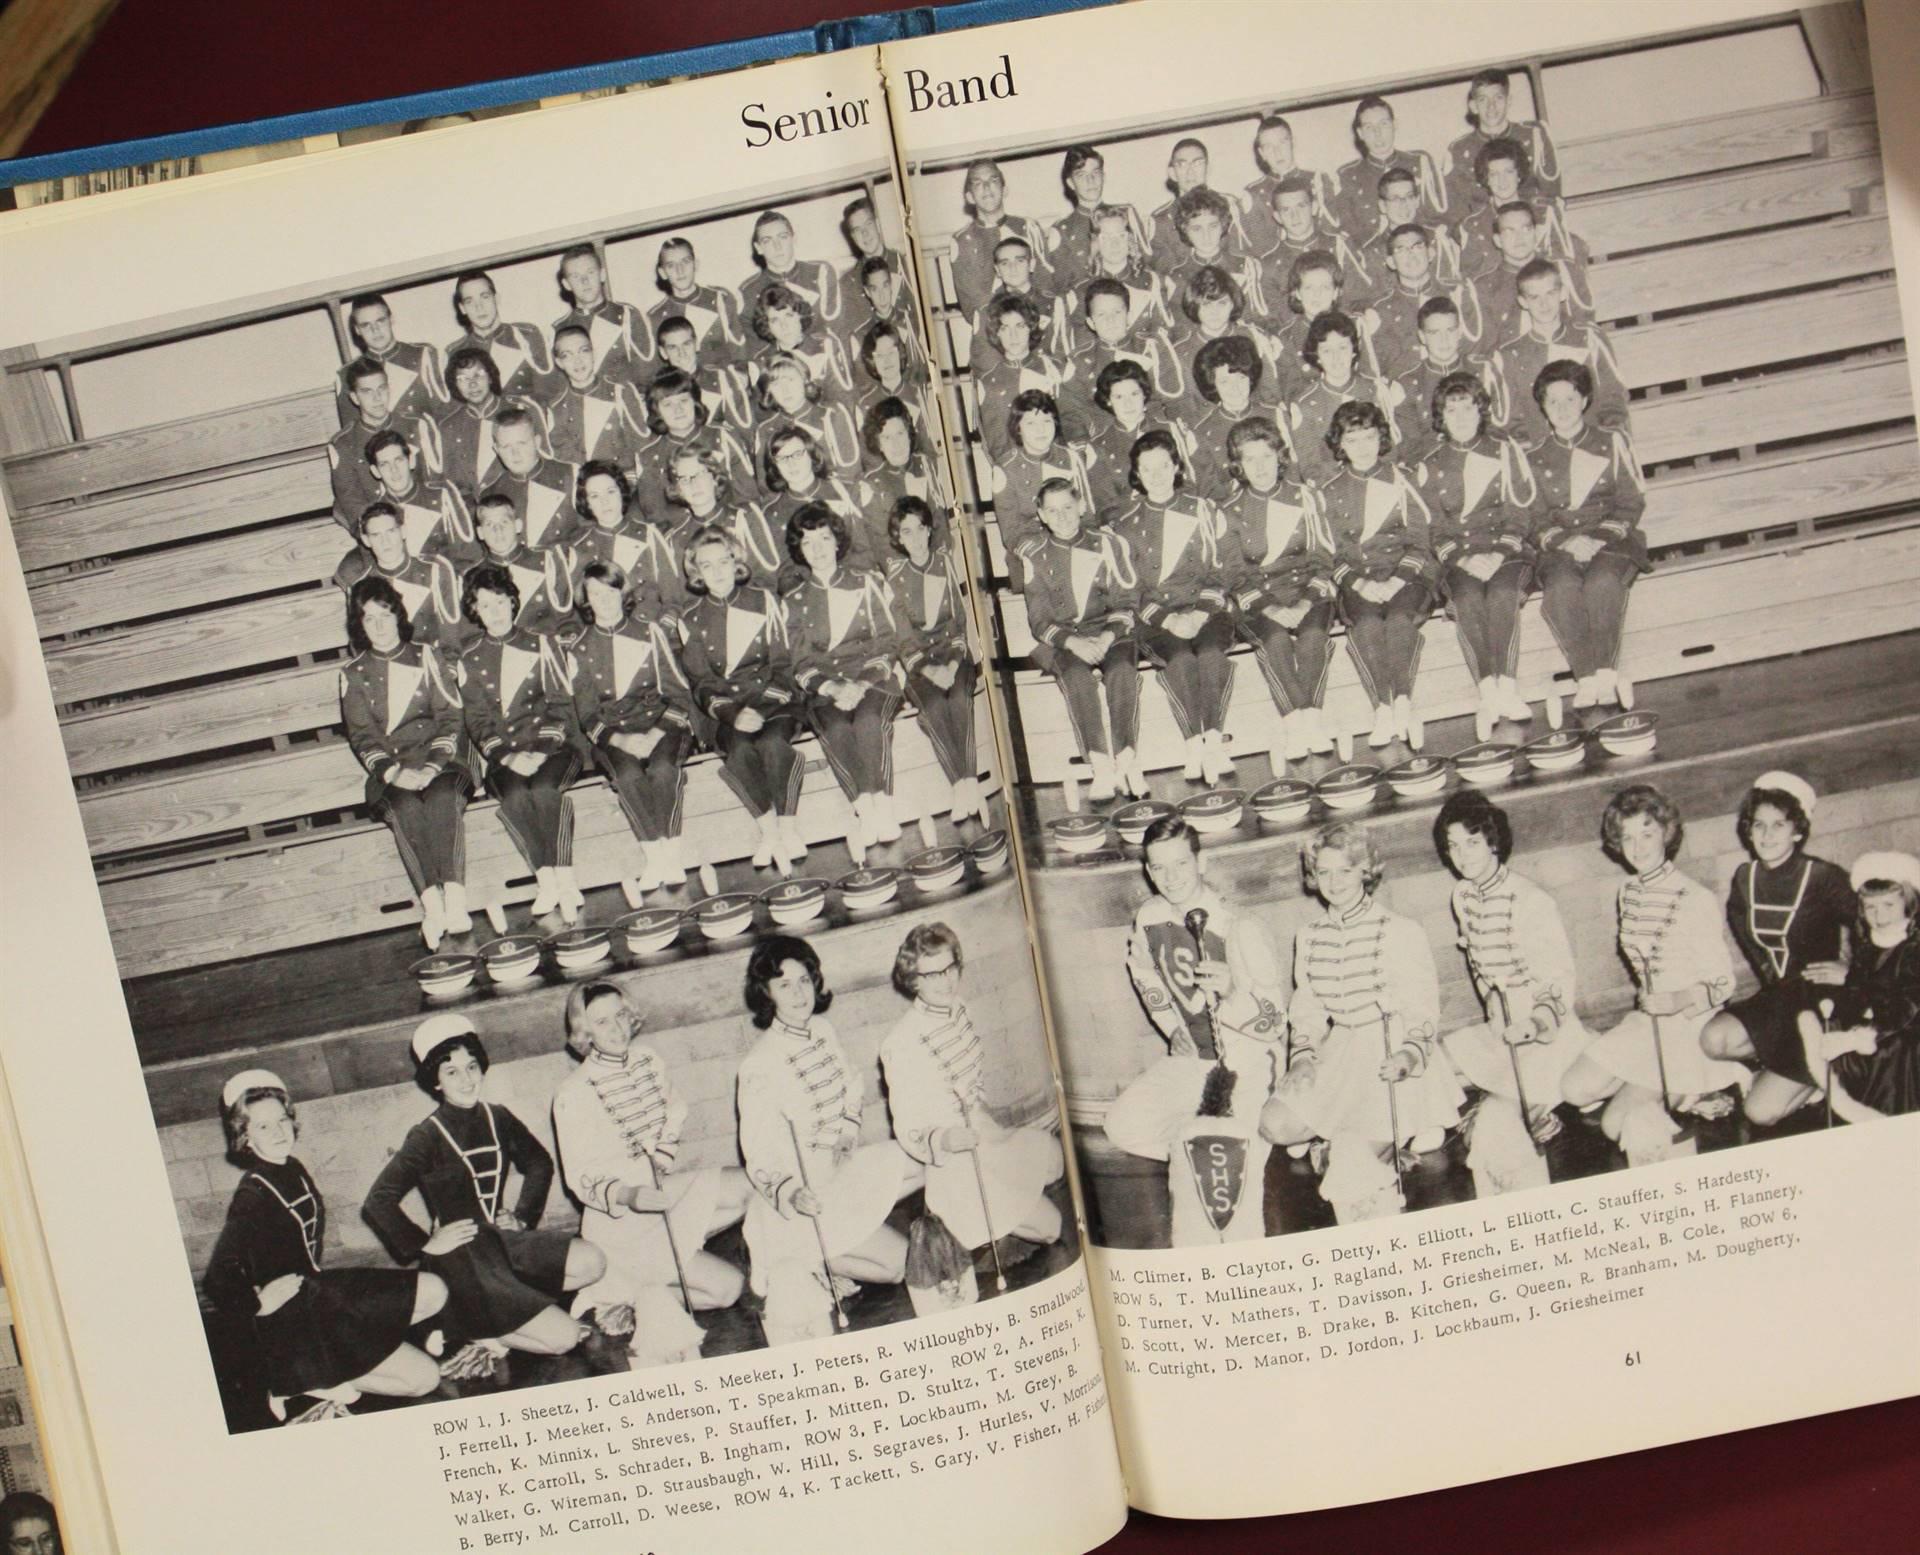 1965 band